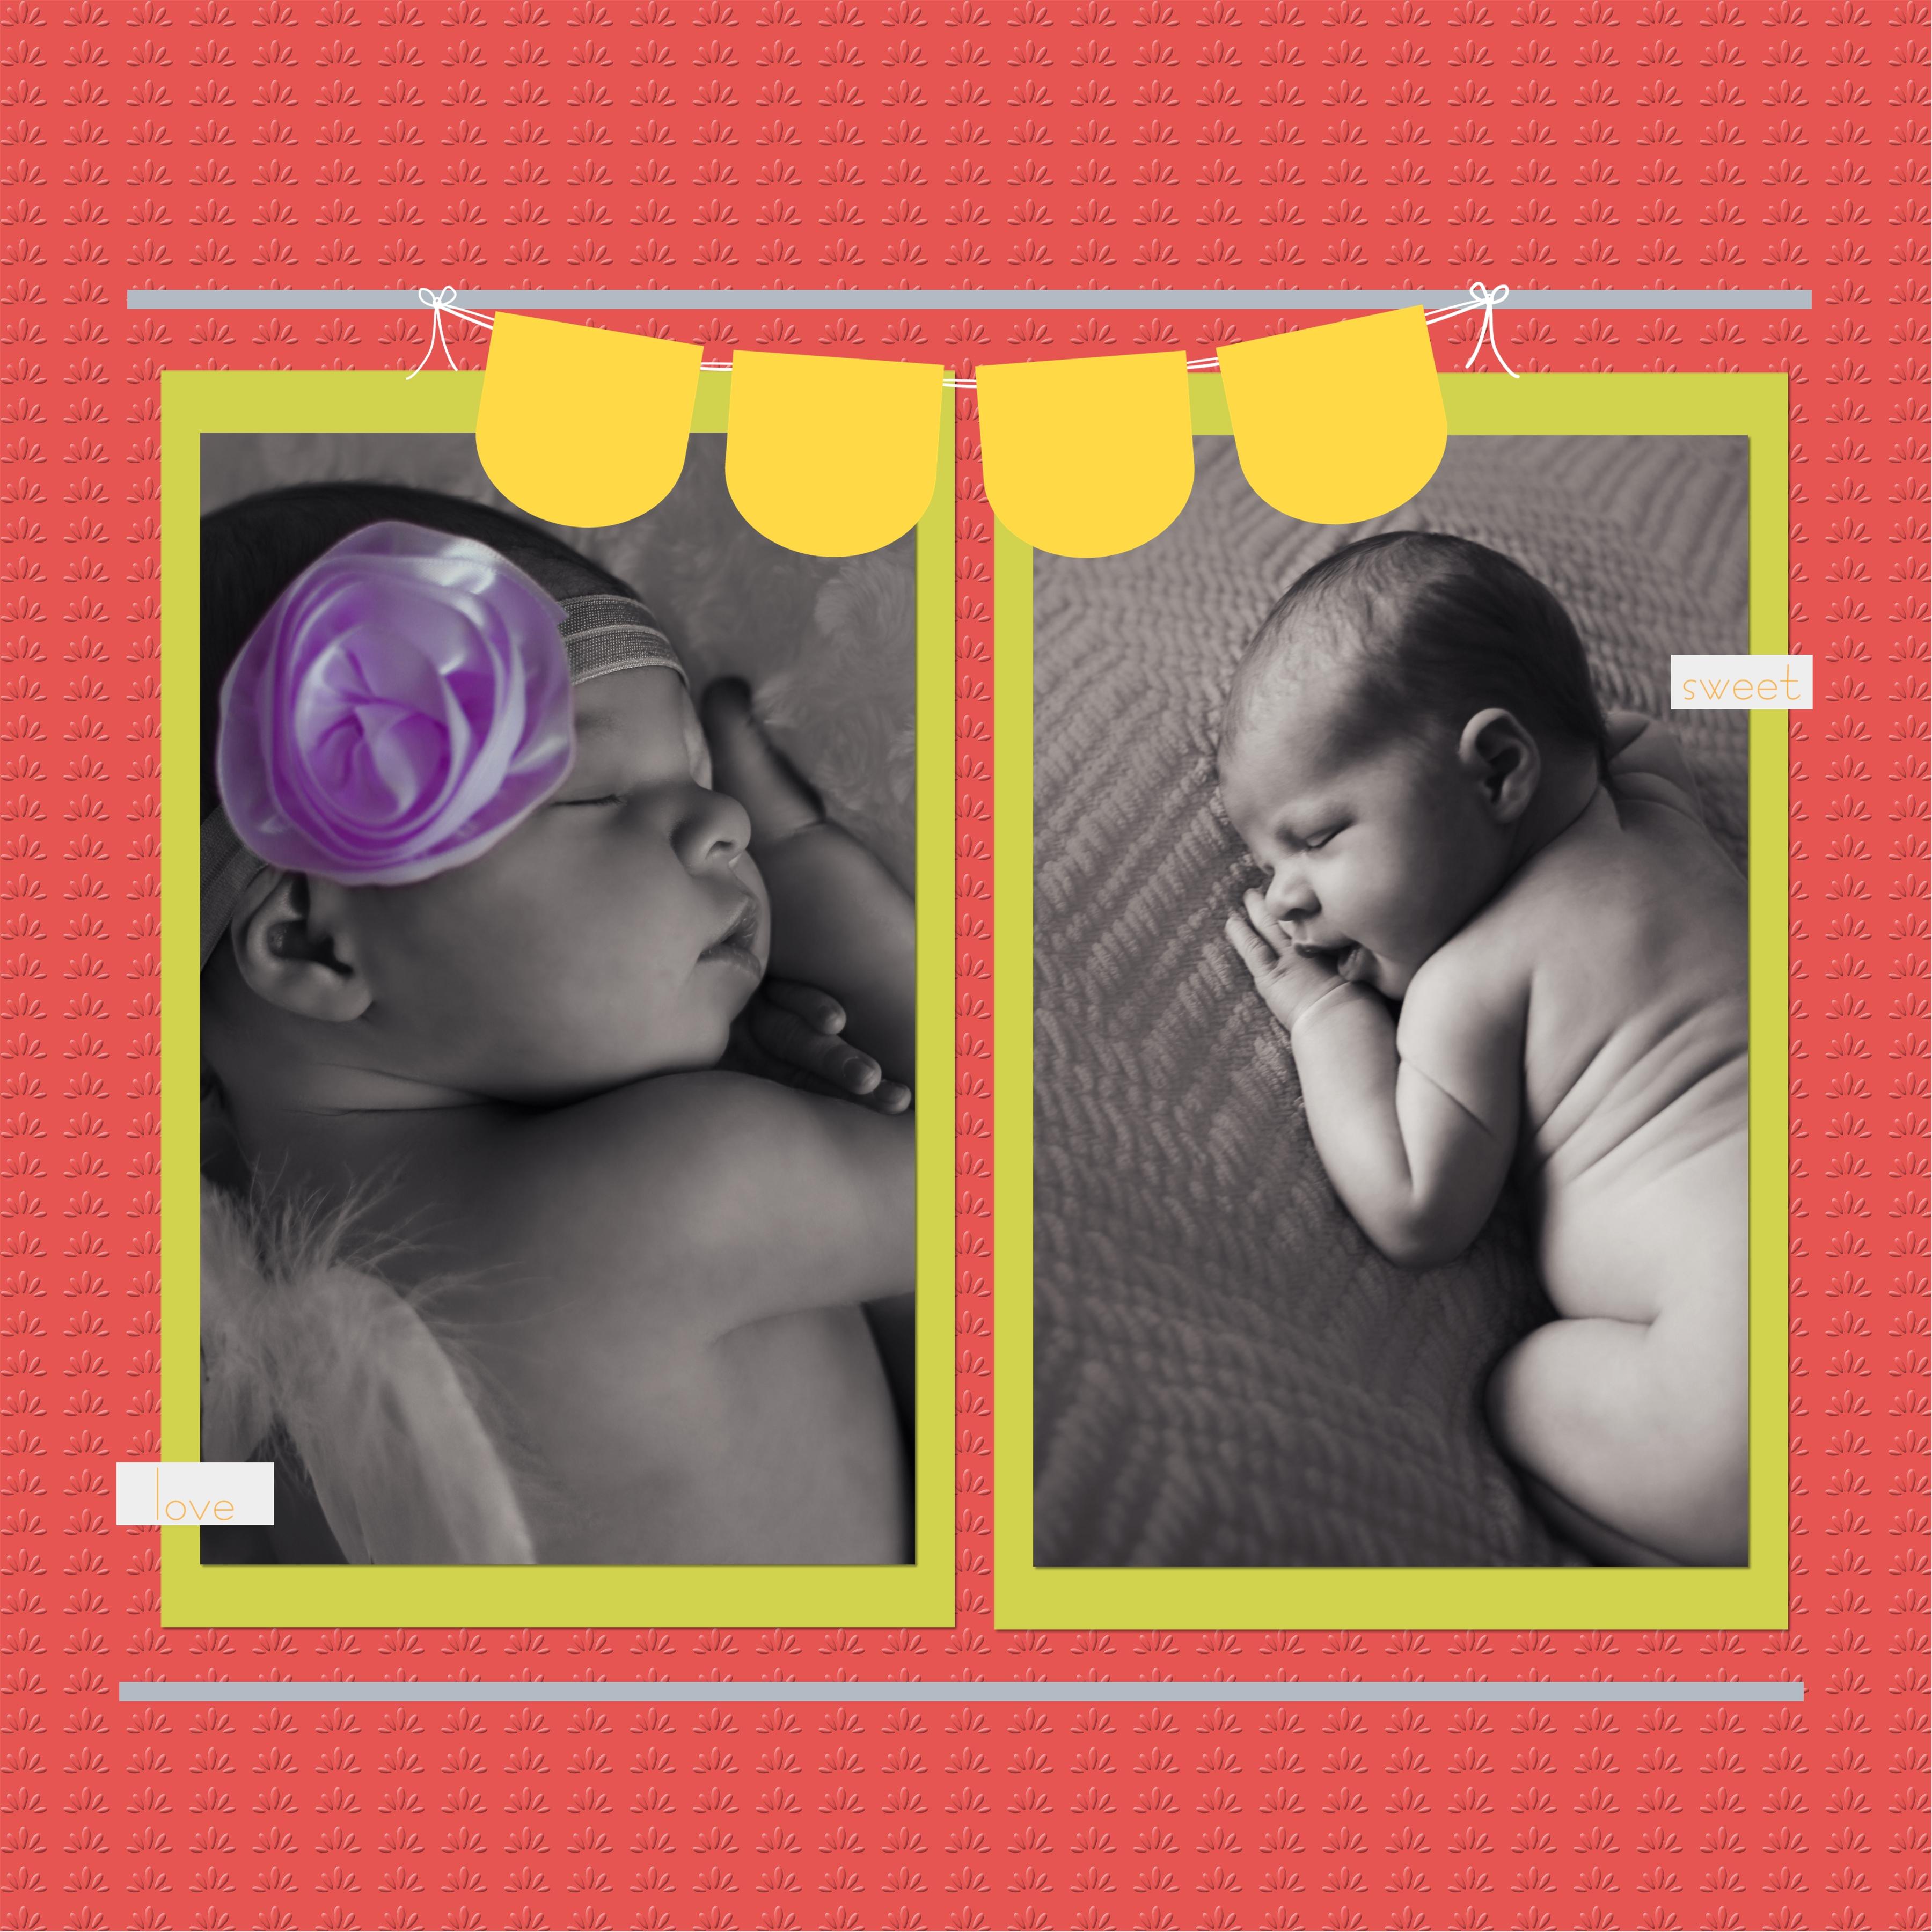 BabyGirl - Page 003.jpg